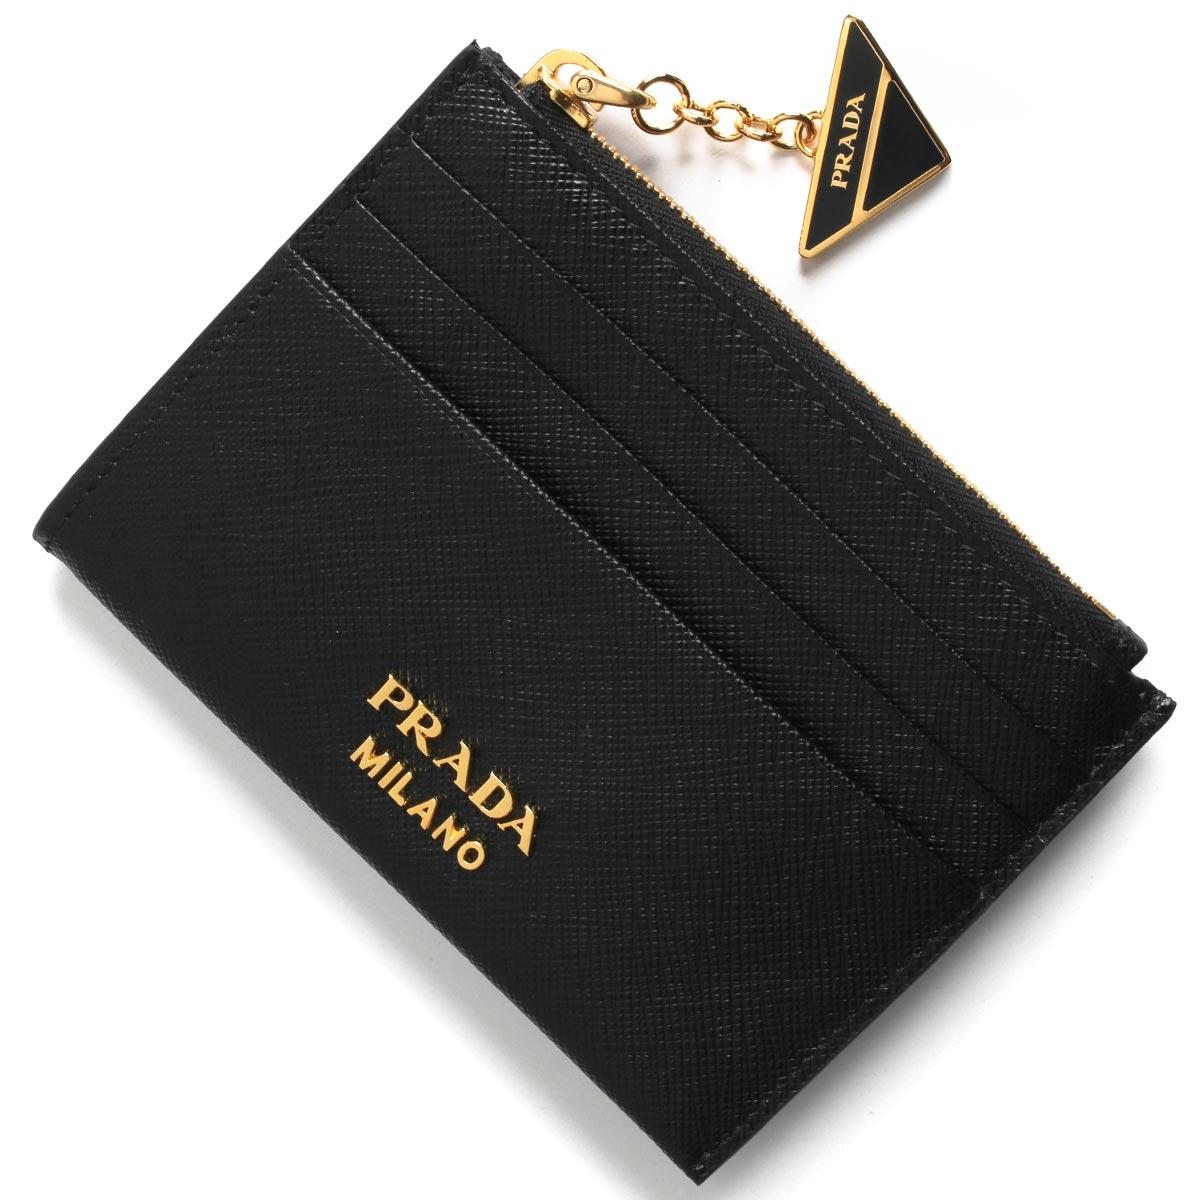 プラダ コインケース【小銭入れ】/クレジットカードケース 財布 レディース サフィアーノ トライアングル ブラック 1MC026 2CGD F0002 PRADA